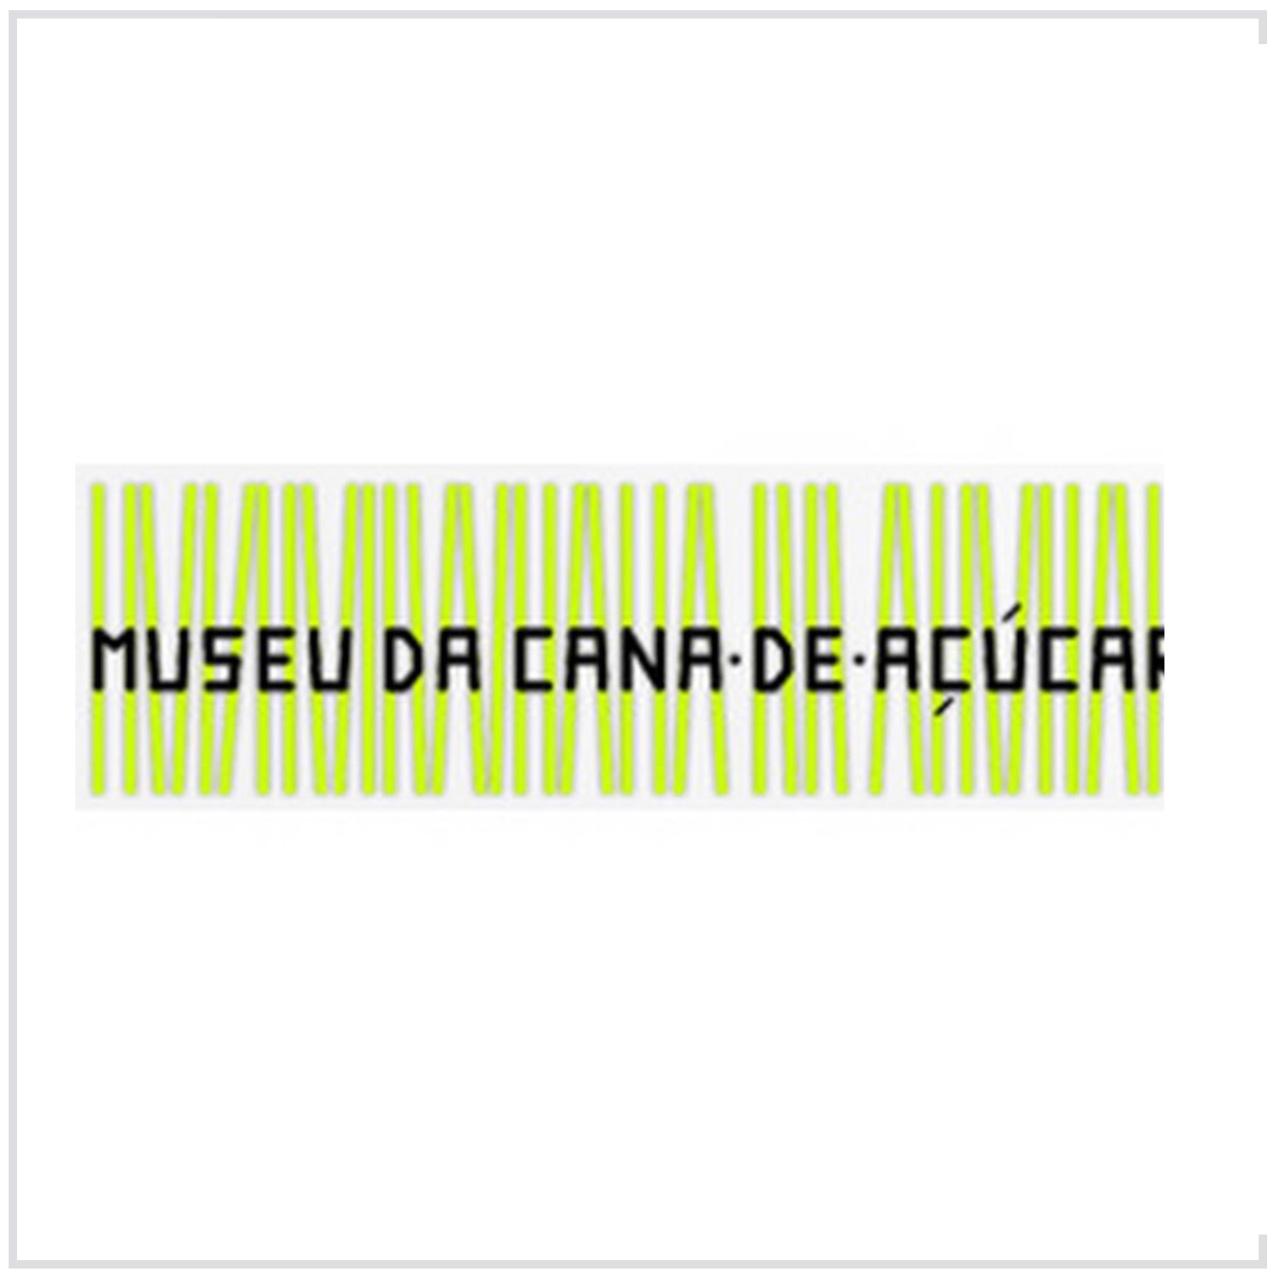 logo_museu_cana_acucar